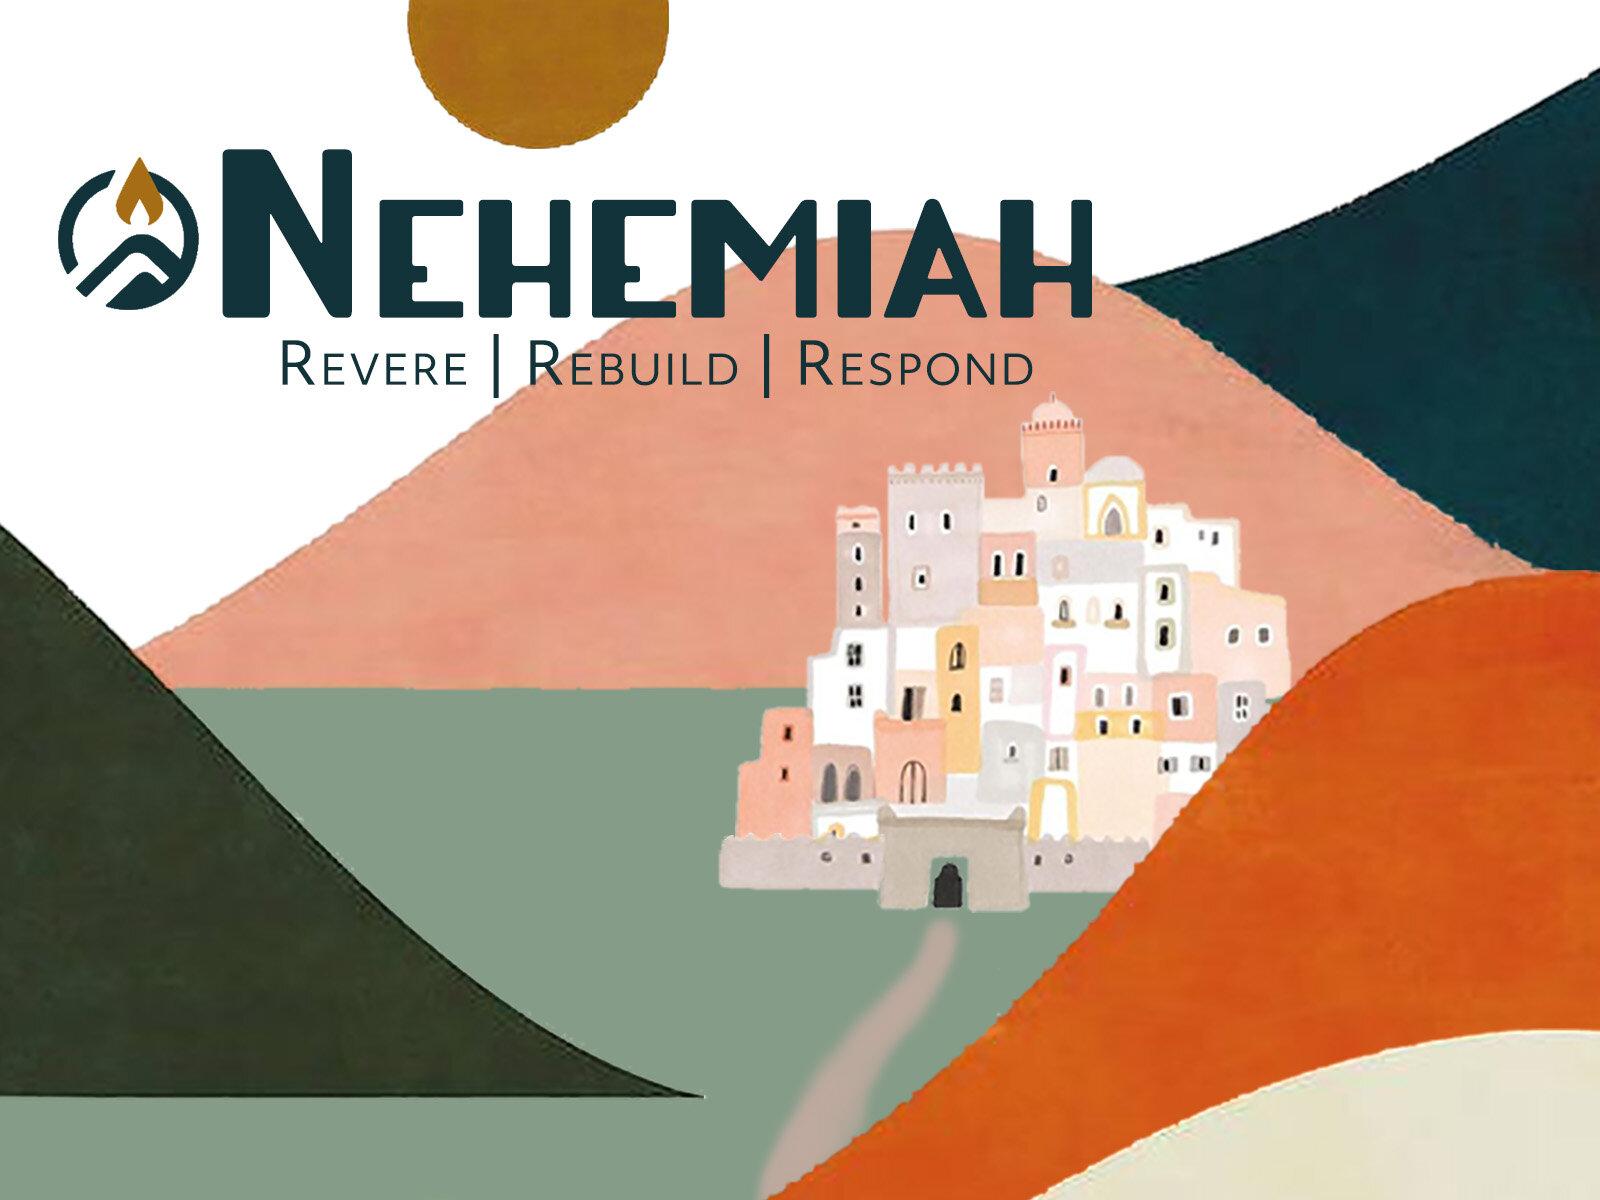 Nehemiah:  Revere, Rebuild, Respond